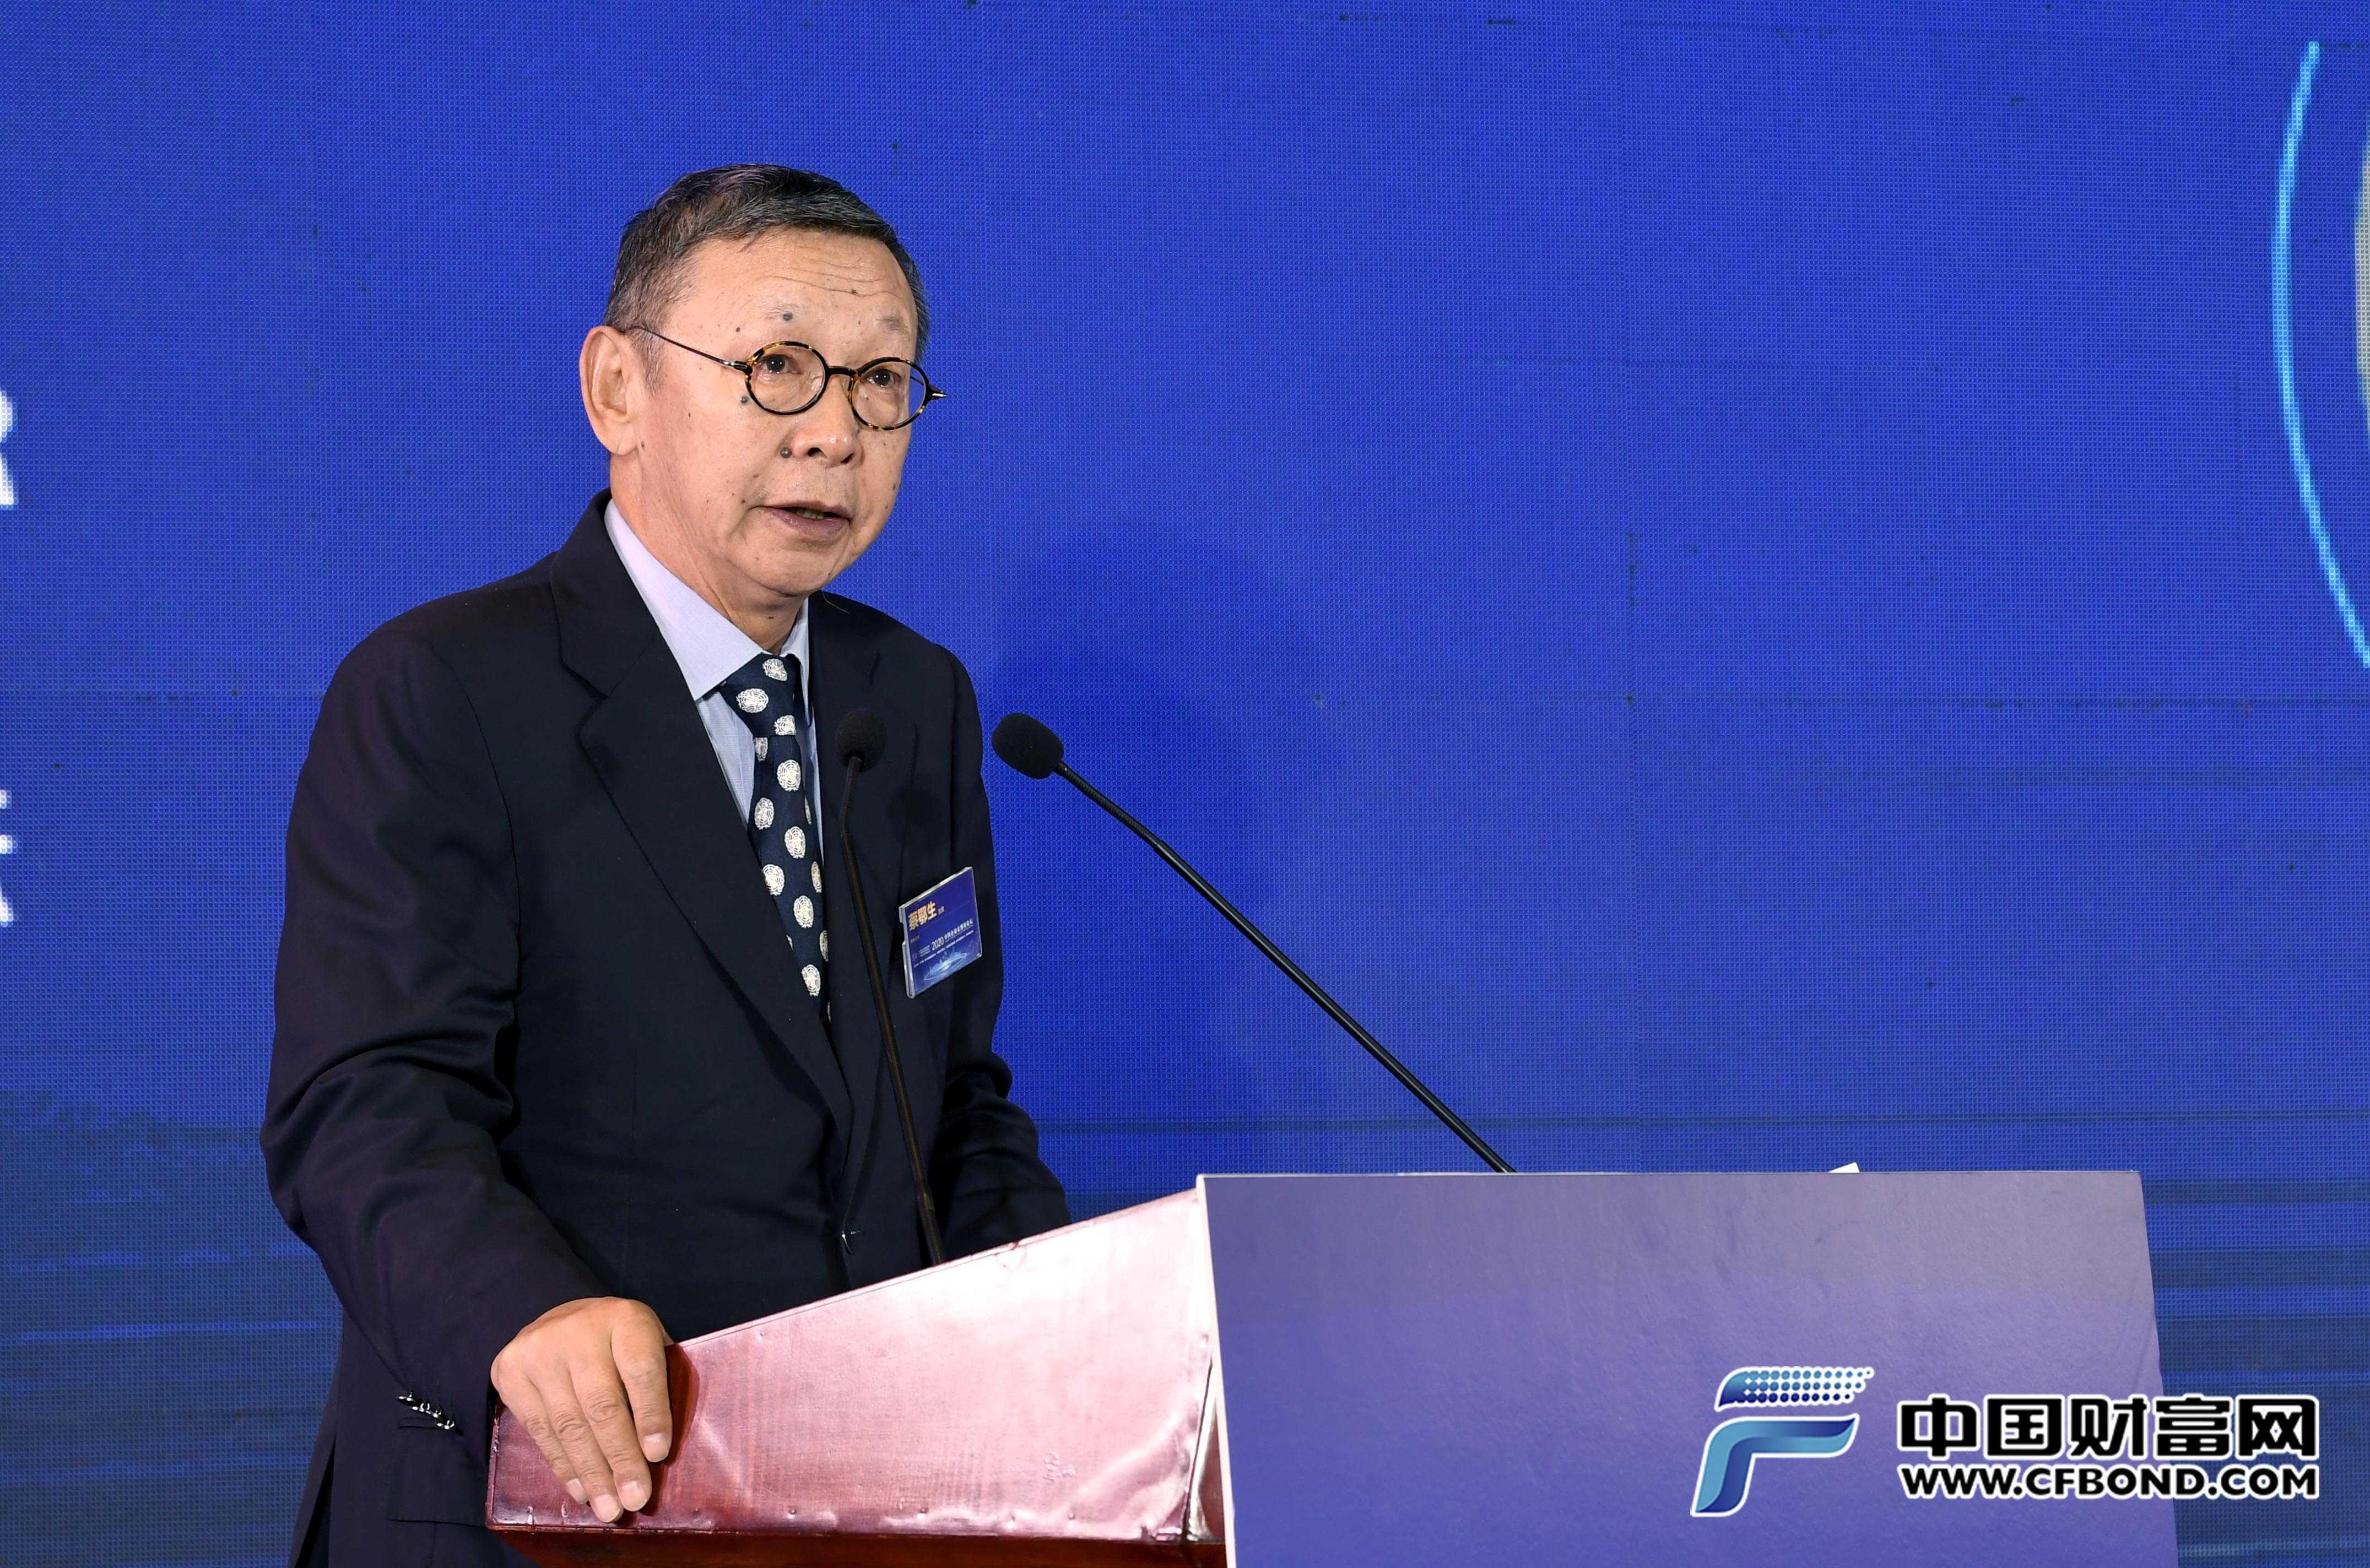 原中国银监会副主席蔡鄂生致辞